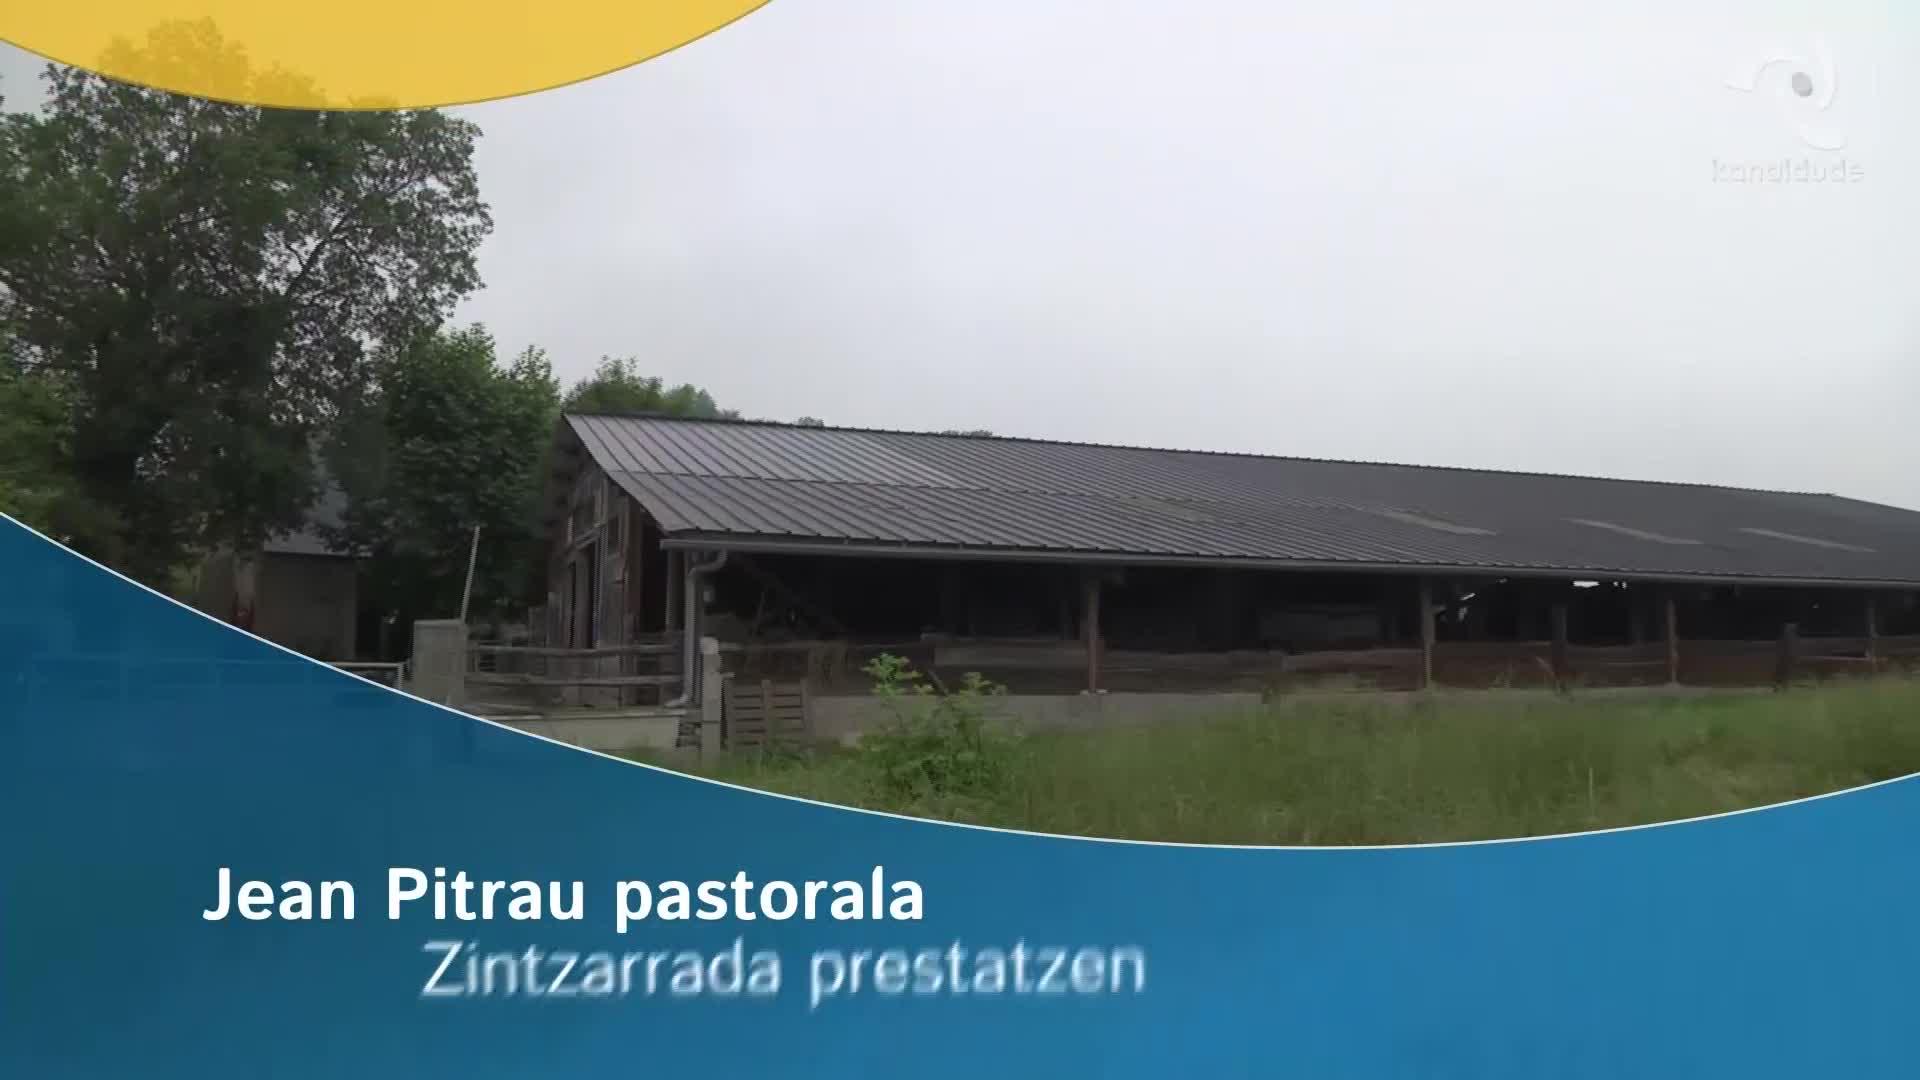 Jean Pitrau pastorala: Zintzarrada prestatzen